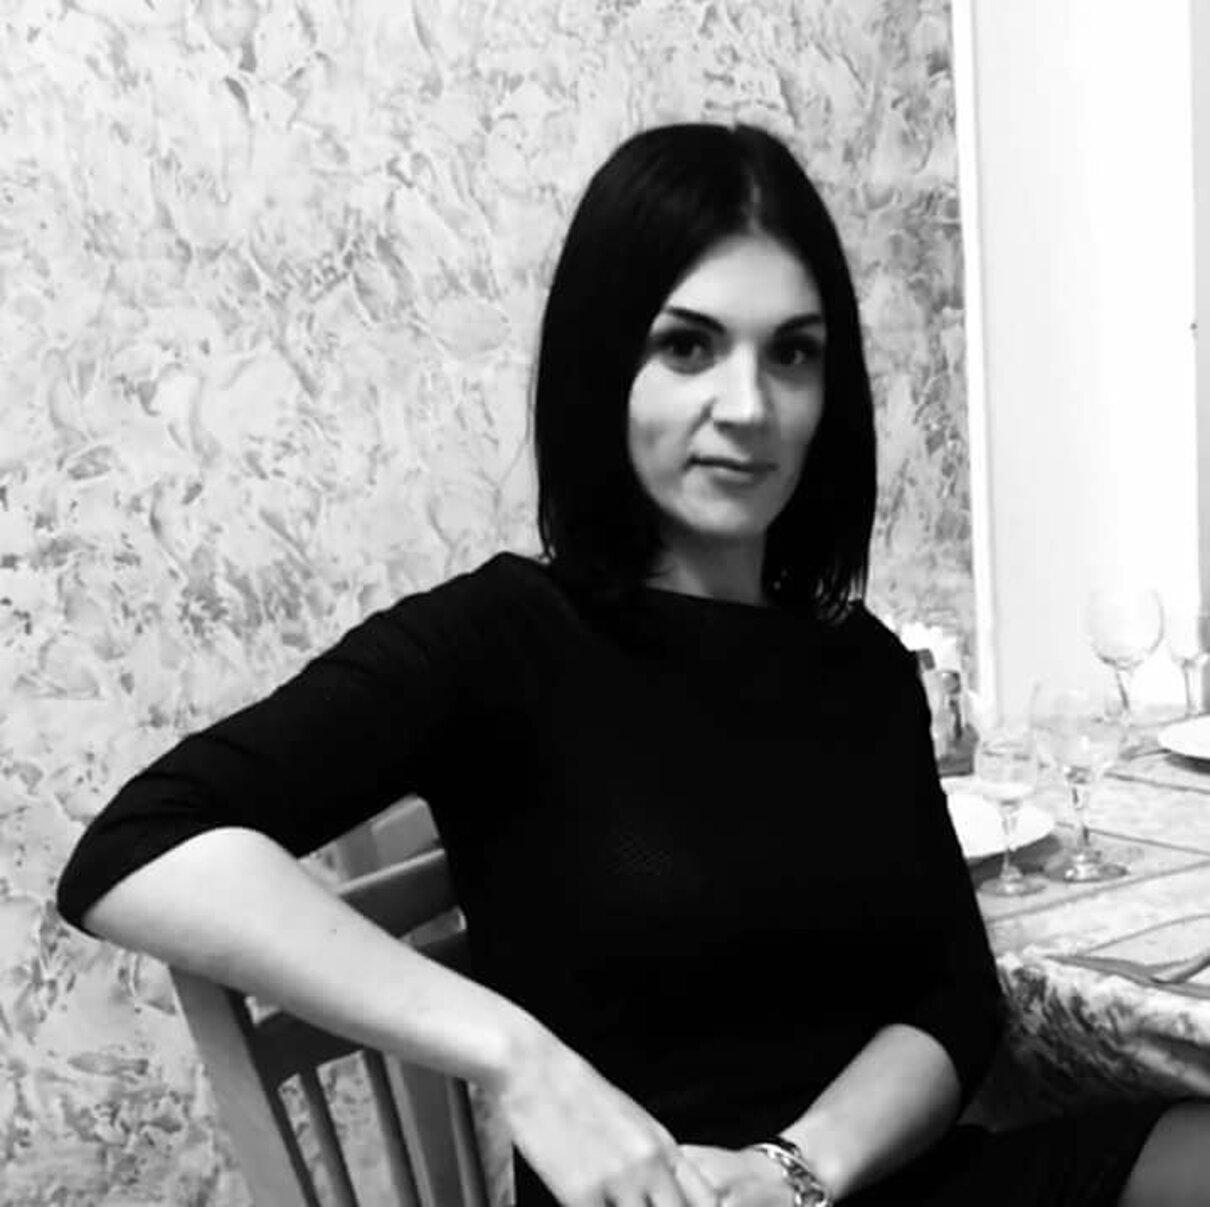 Жалоба-отзыв: Татьяна Ступницкая - Аферистка.мошенница.  Фото №4